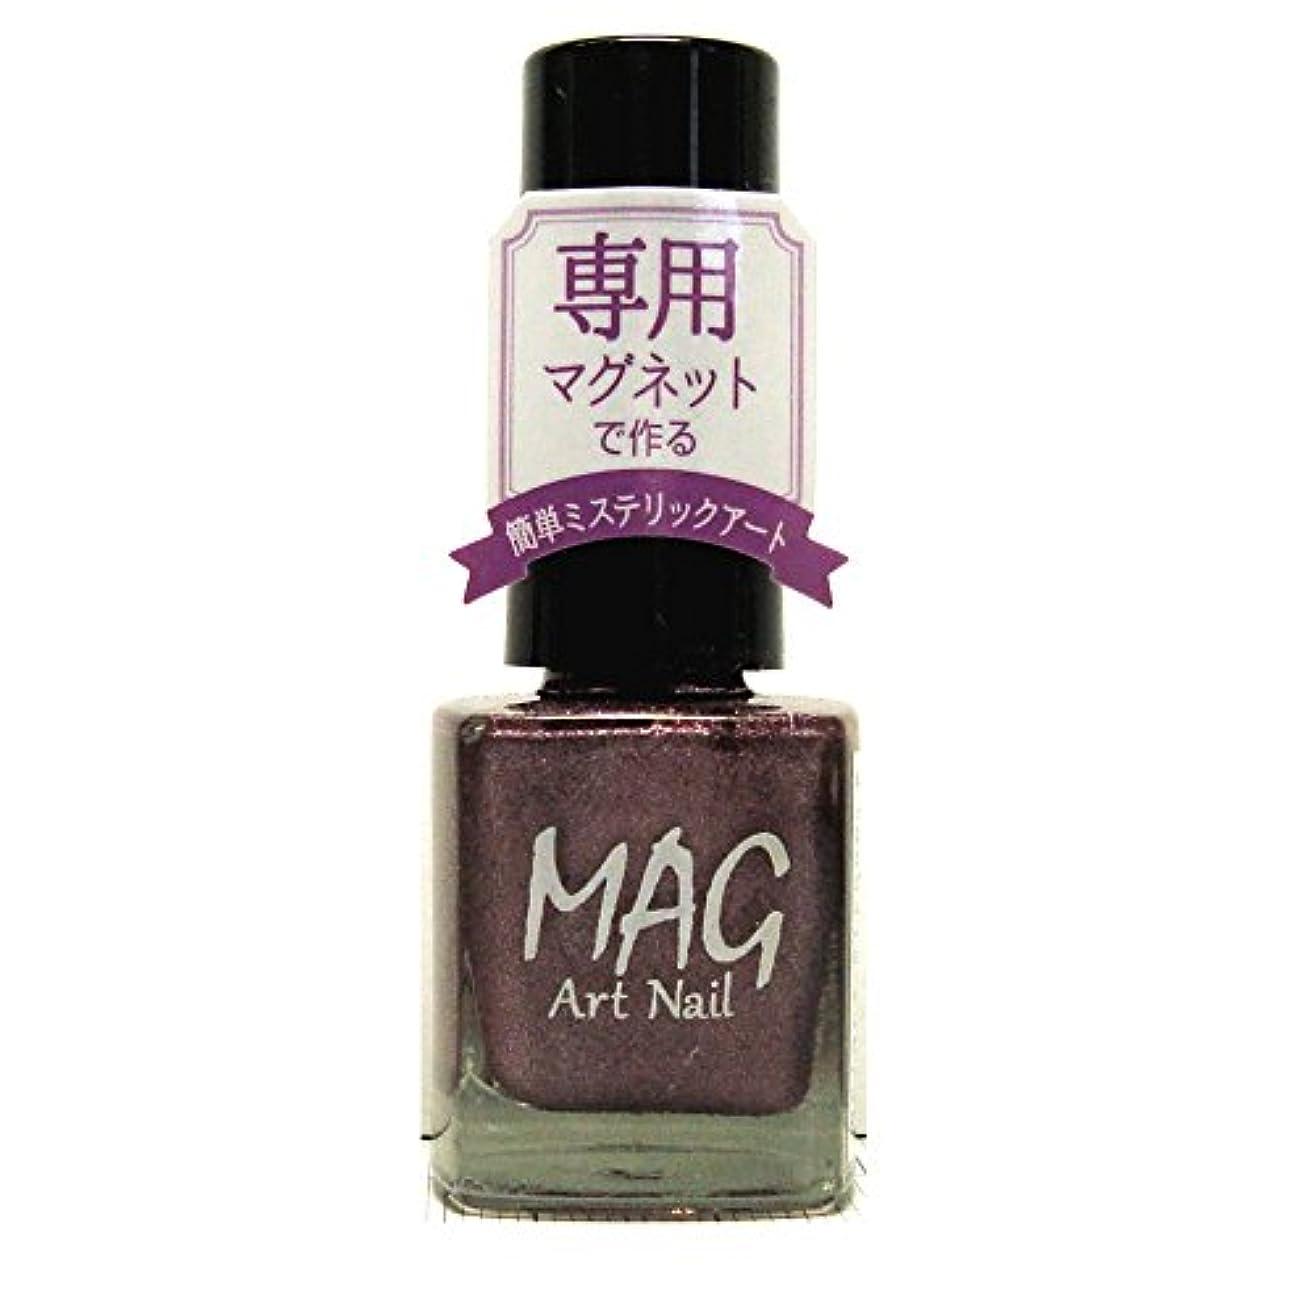 パーツバイナリやさしくTMマグアートネイル(爪化粧料) TMMA1606 グレースフルグレー